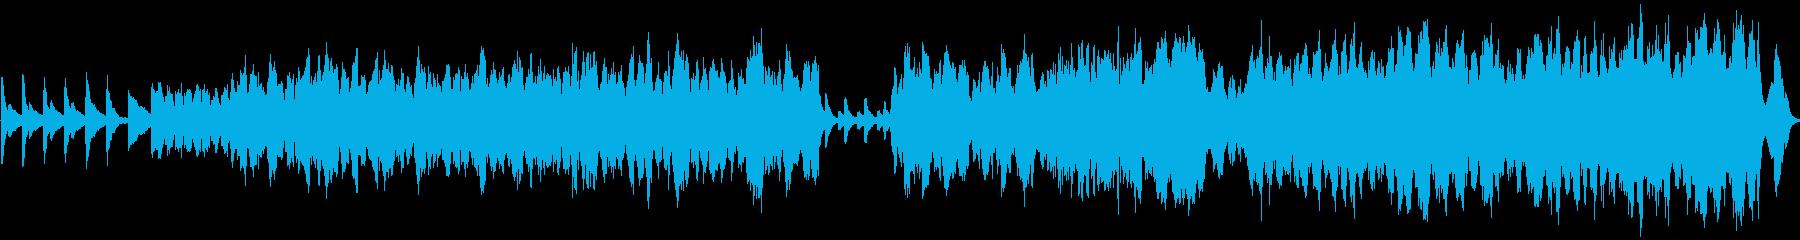 ドラマチックに彩るピアノと弦楽器のコラボの再生済みの波形